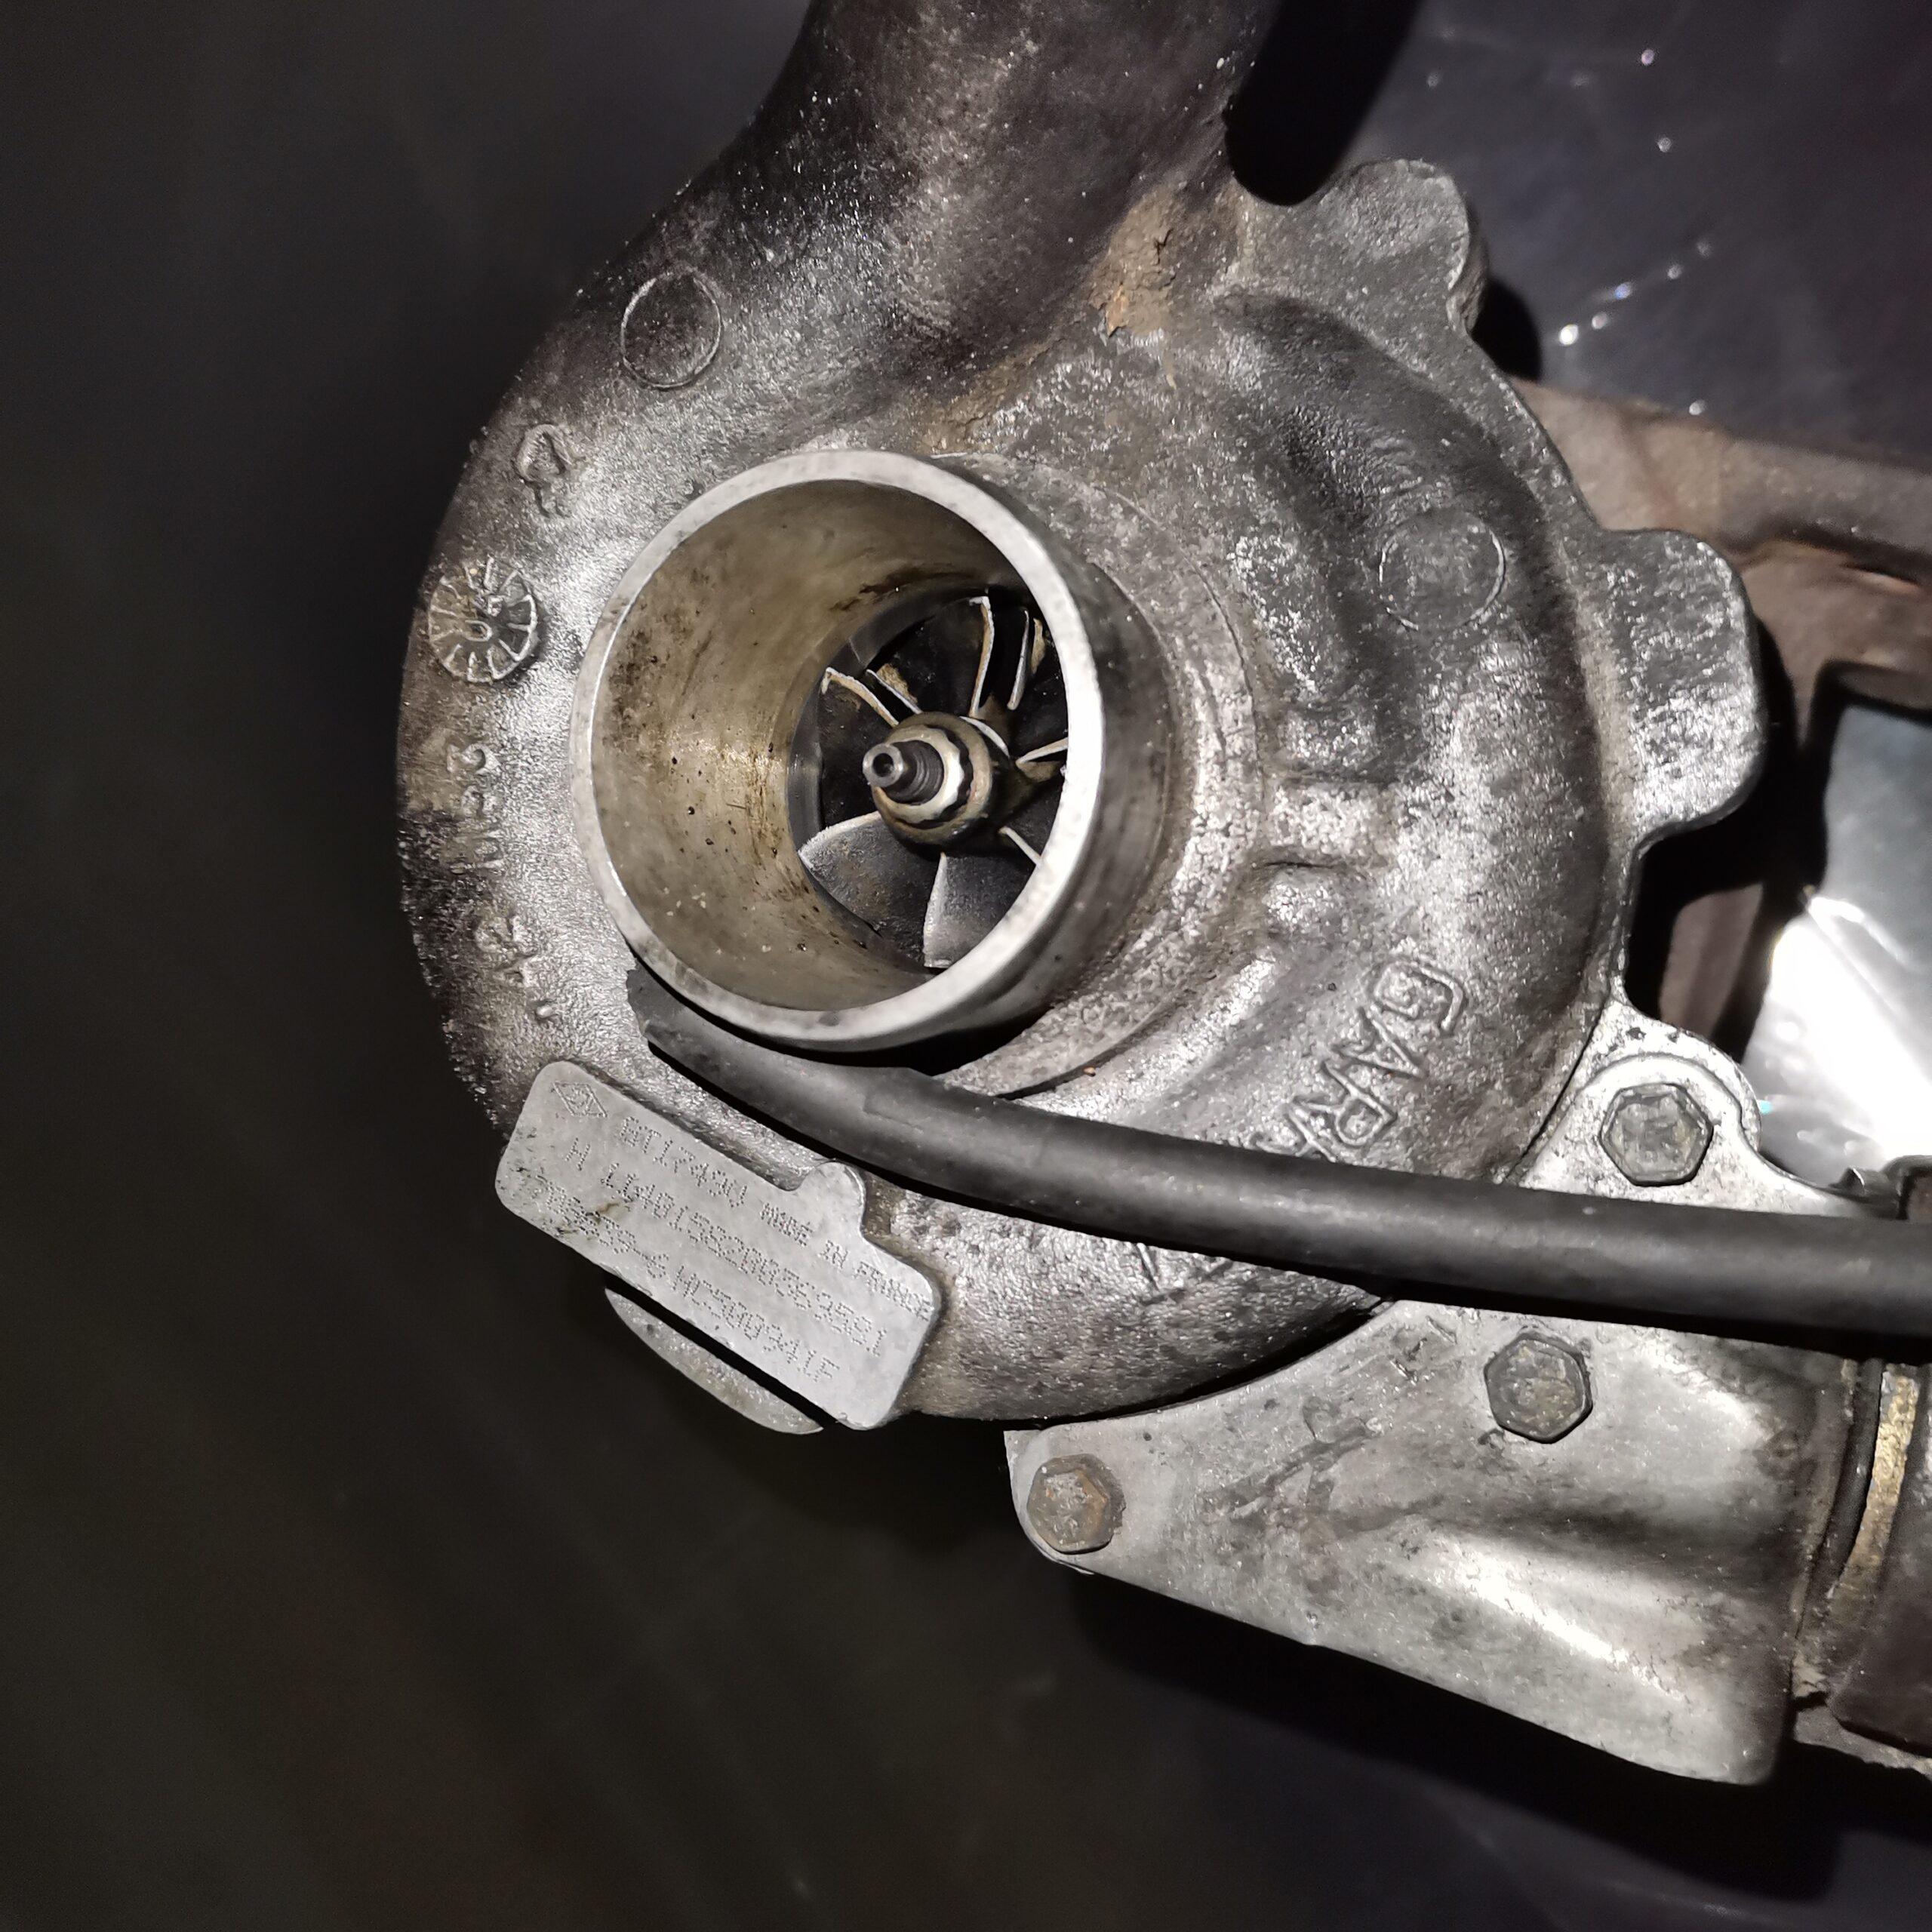 Сломанный турбокомпрессор на Renault Laguna 1.9 dCi